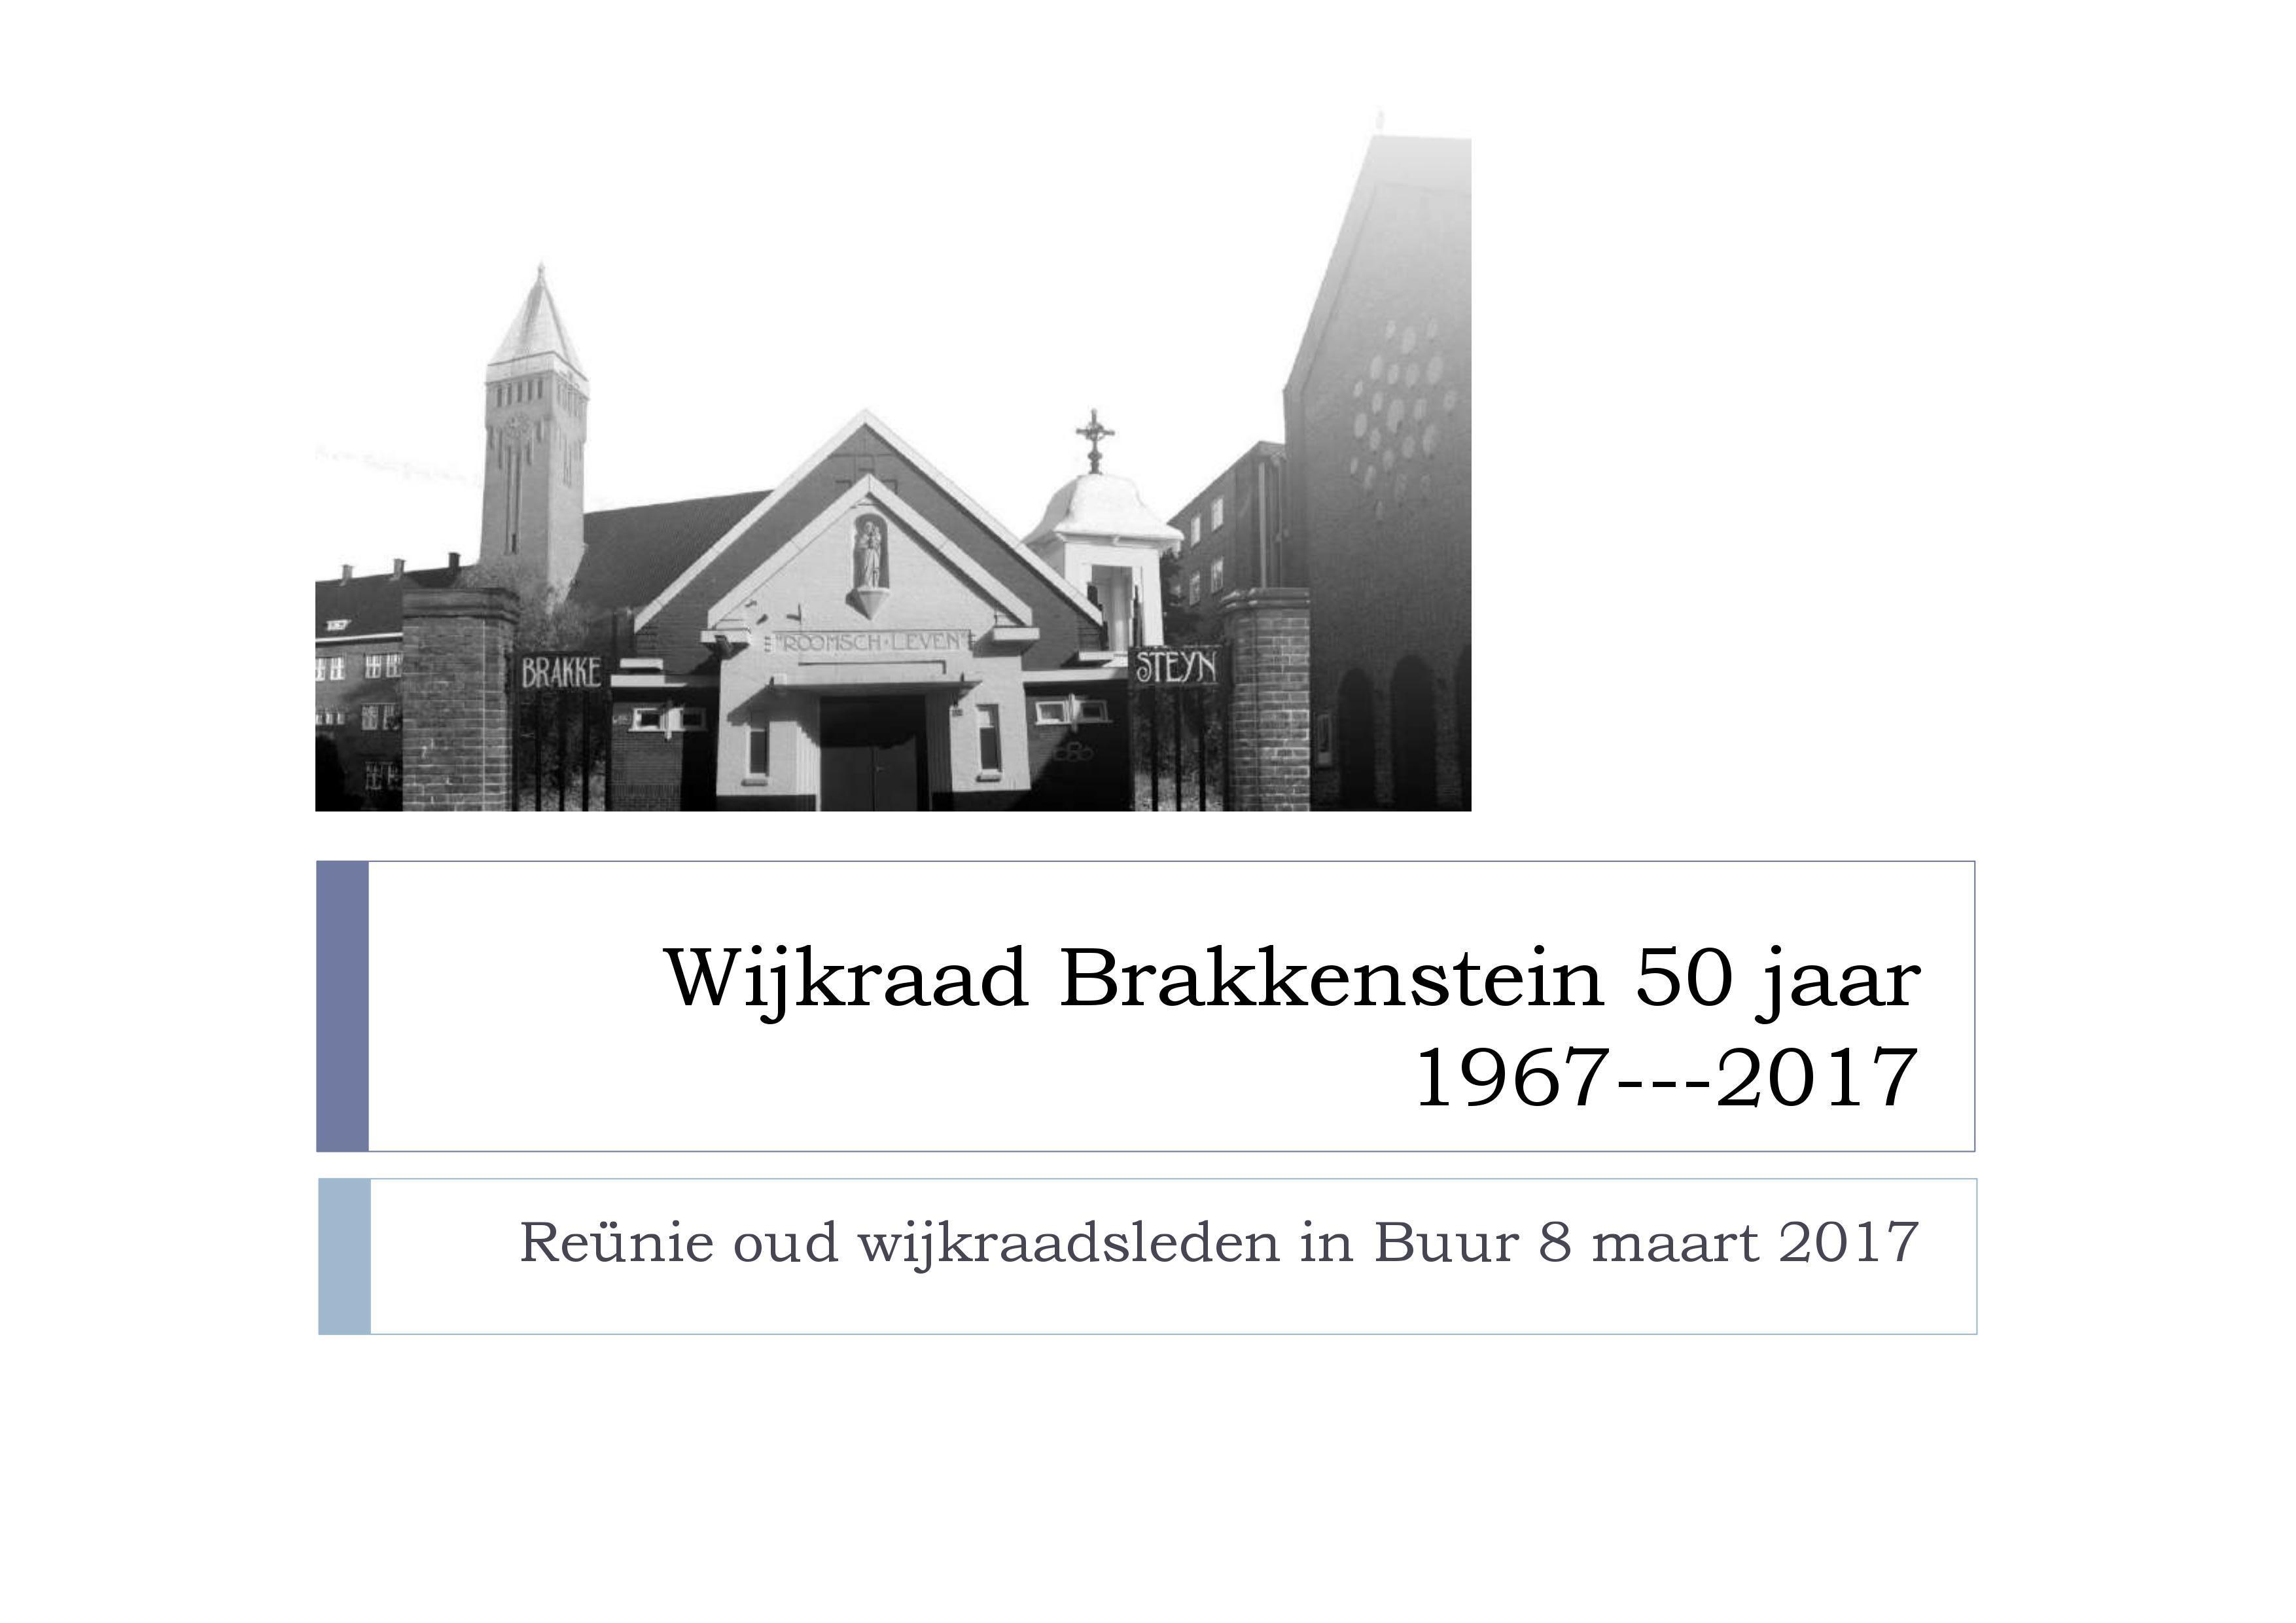 Presentatie Reunie Wijkraad Brakkenstein